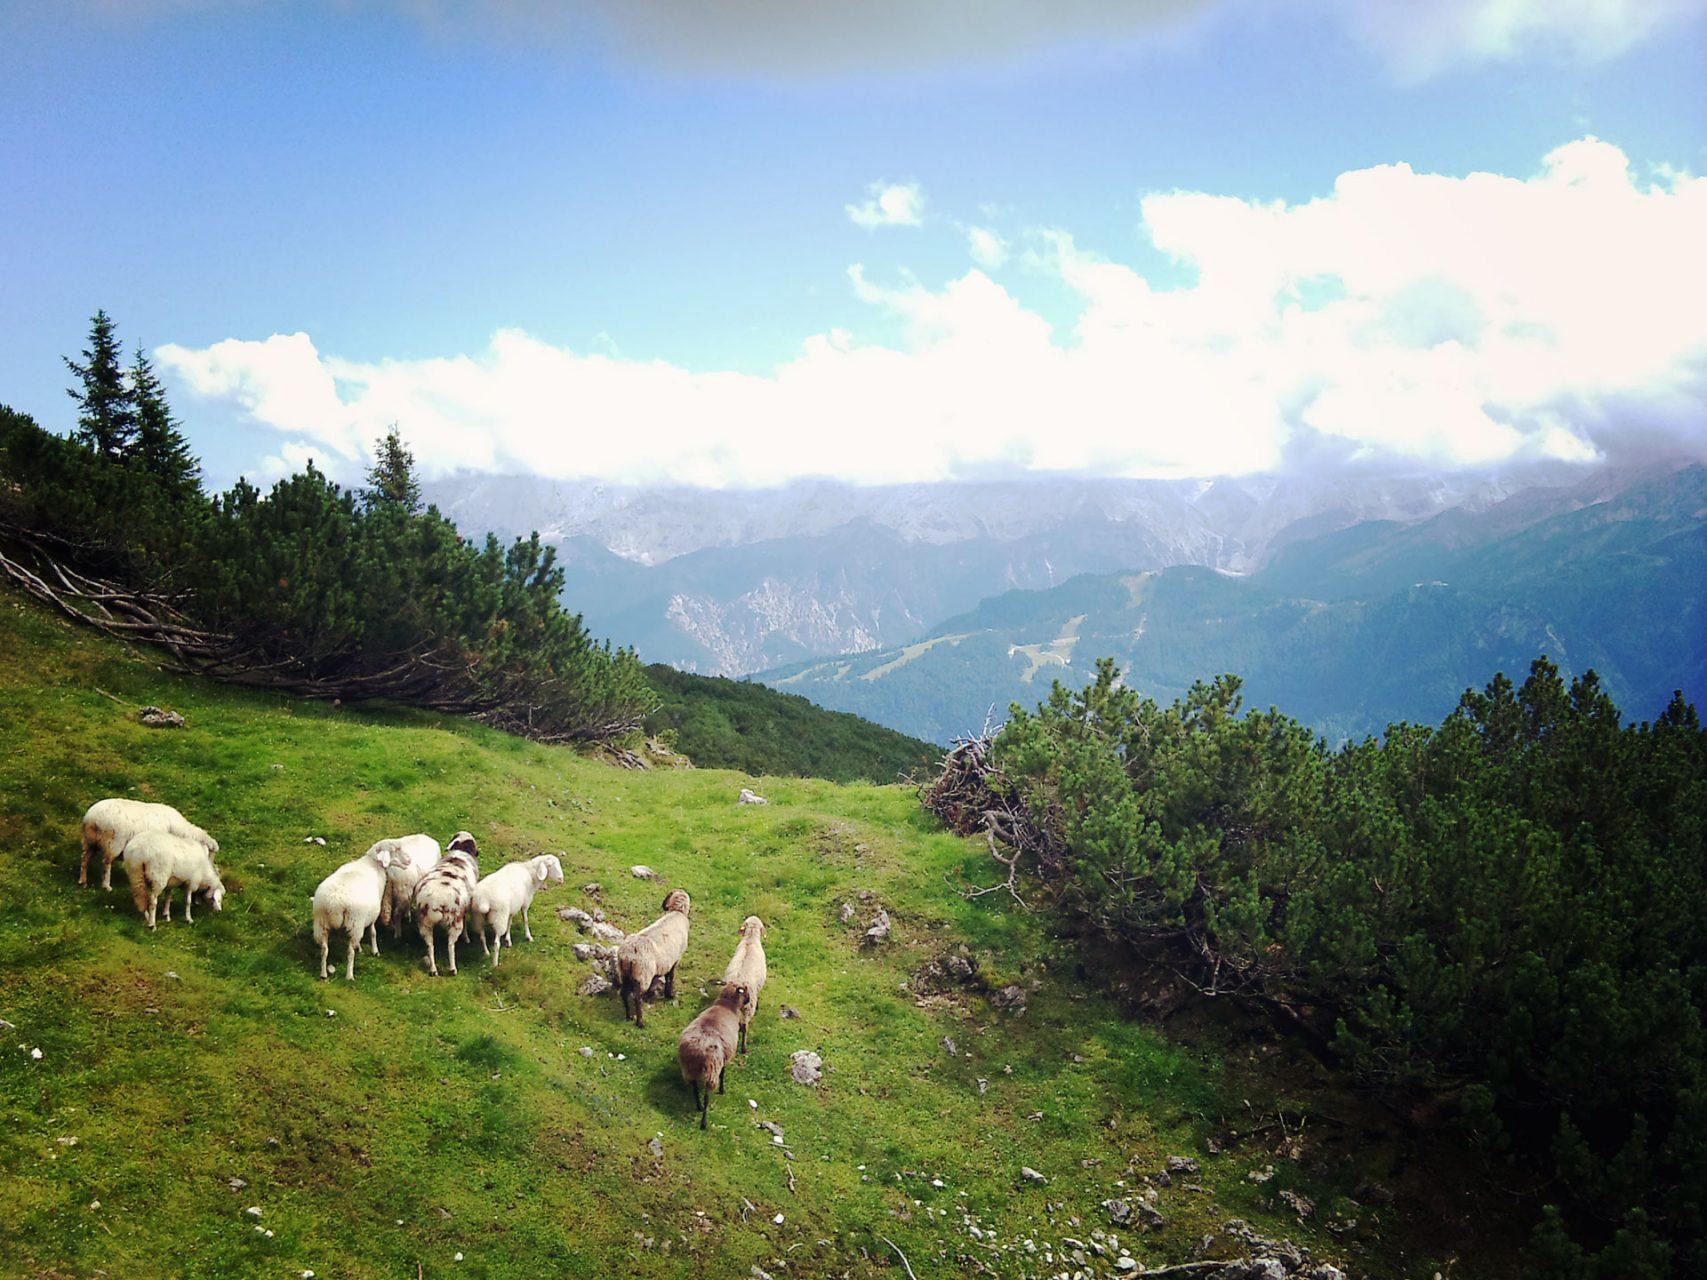 Ob Schafe vorher auf Höhentauglichkeit getestet werden? Oder erwartet man einfach von denen, dass die in 2000 Höhenmeter weiterhin das tun, was Schafe nunmal so tun? Nämlich Fressen und Scheißen. Letzteres am liebsten direkt auf den Weg. Und der war schon schmal genug.